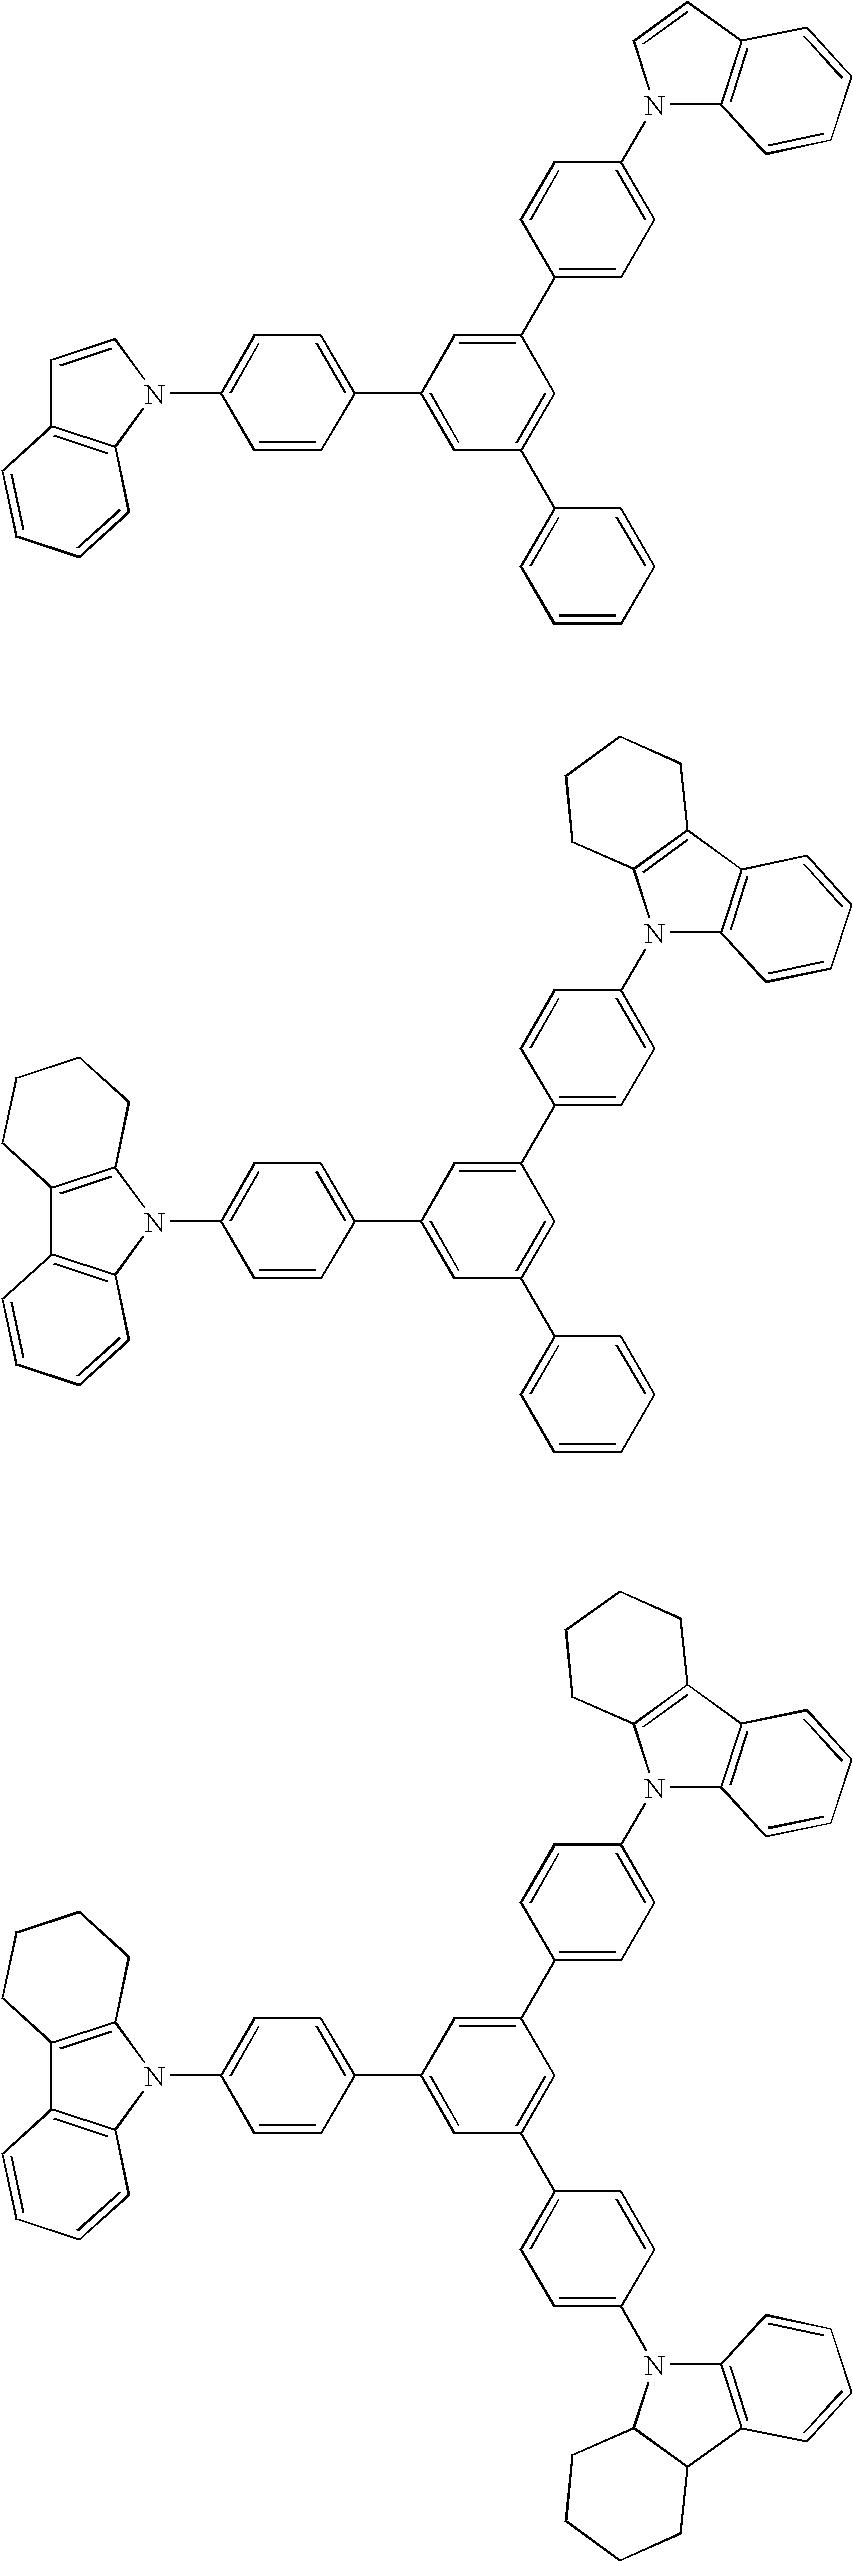 Figure US20070069638A1-20070329-C00006